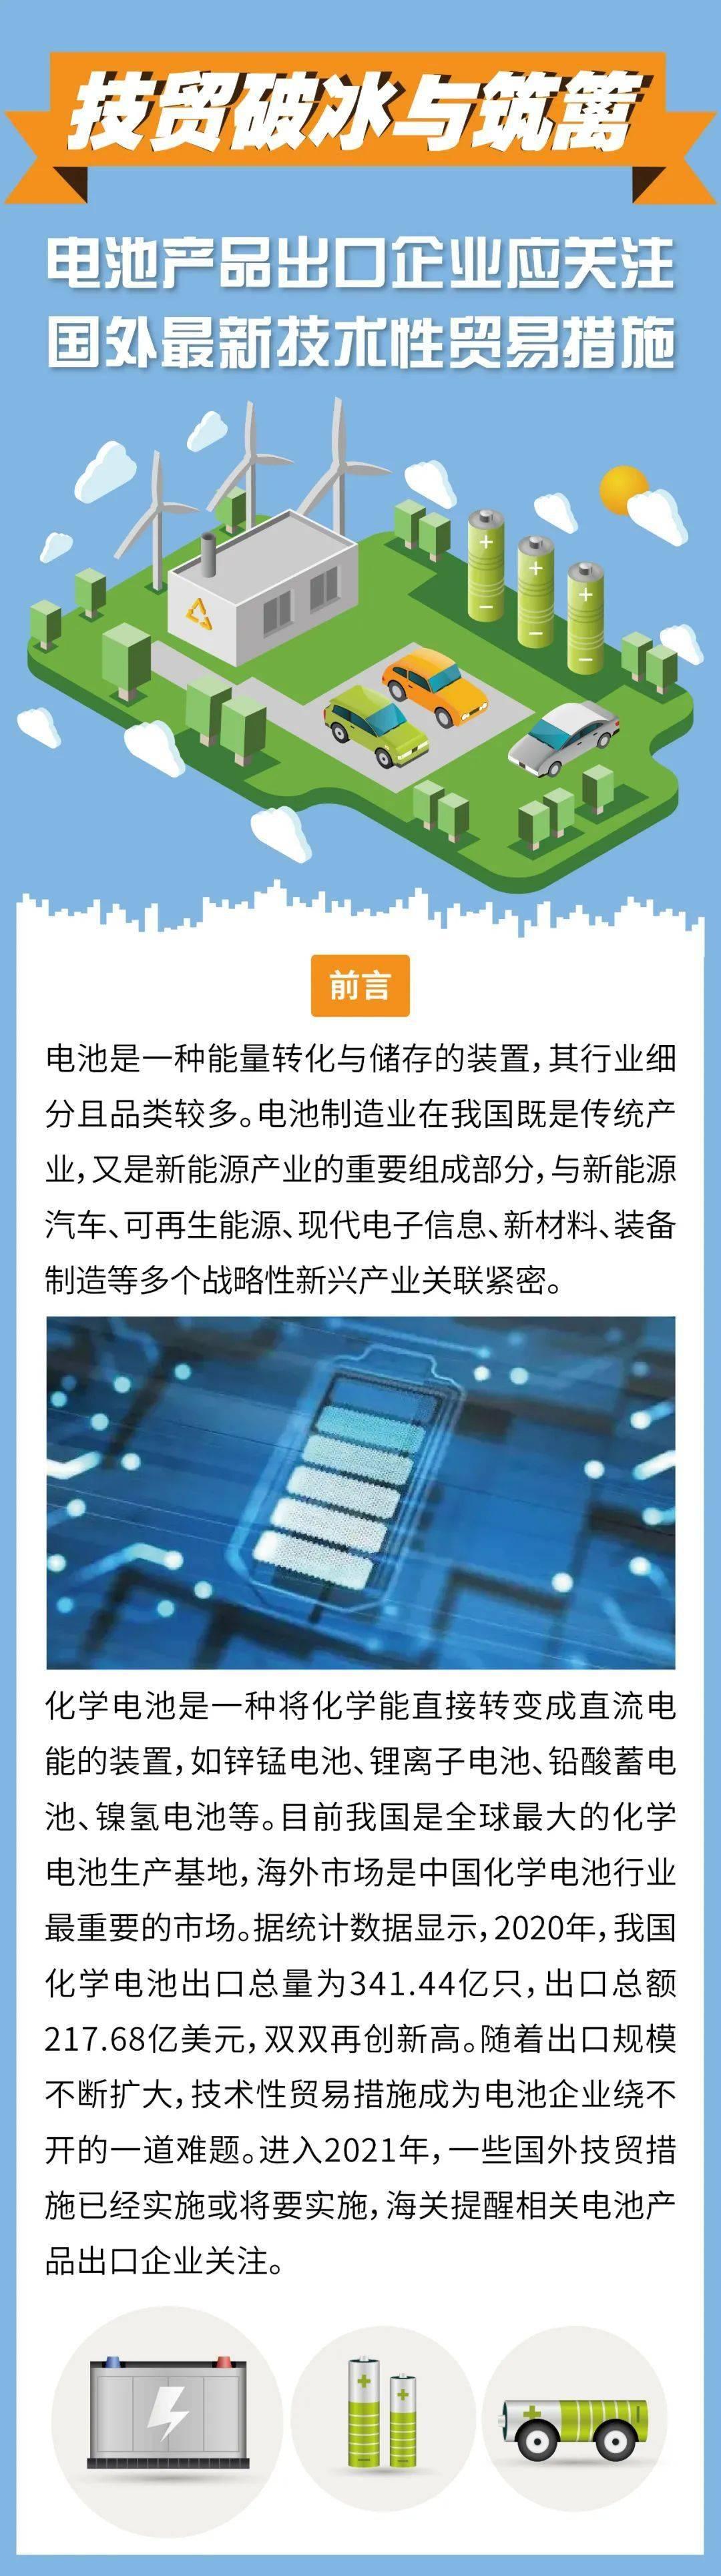 解读电池产品出口企业应关注国外最新技术性贸易措施